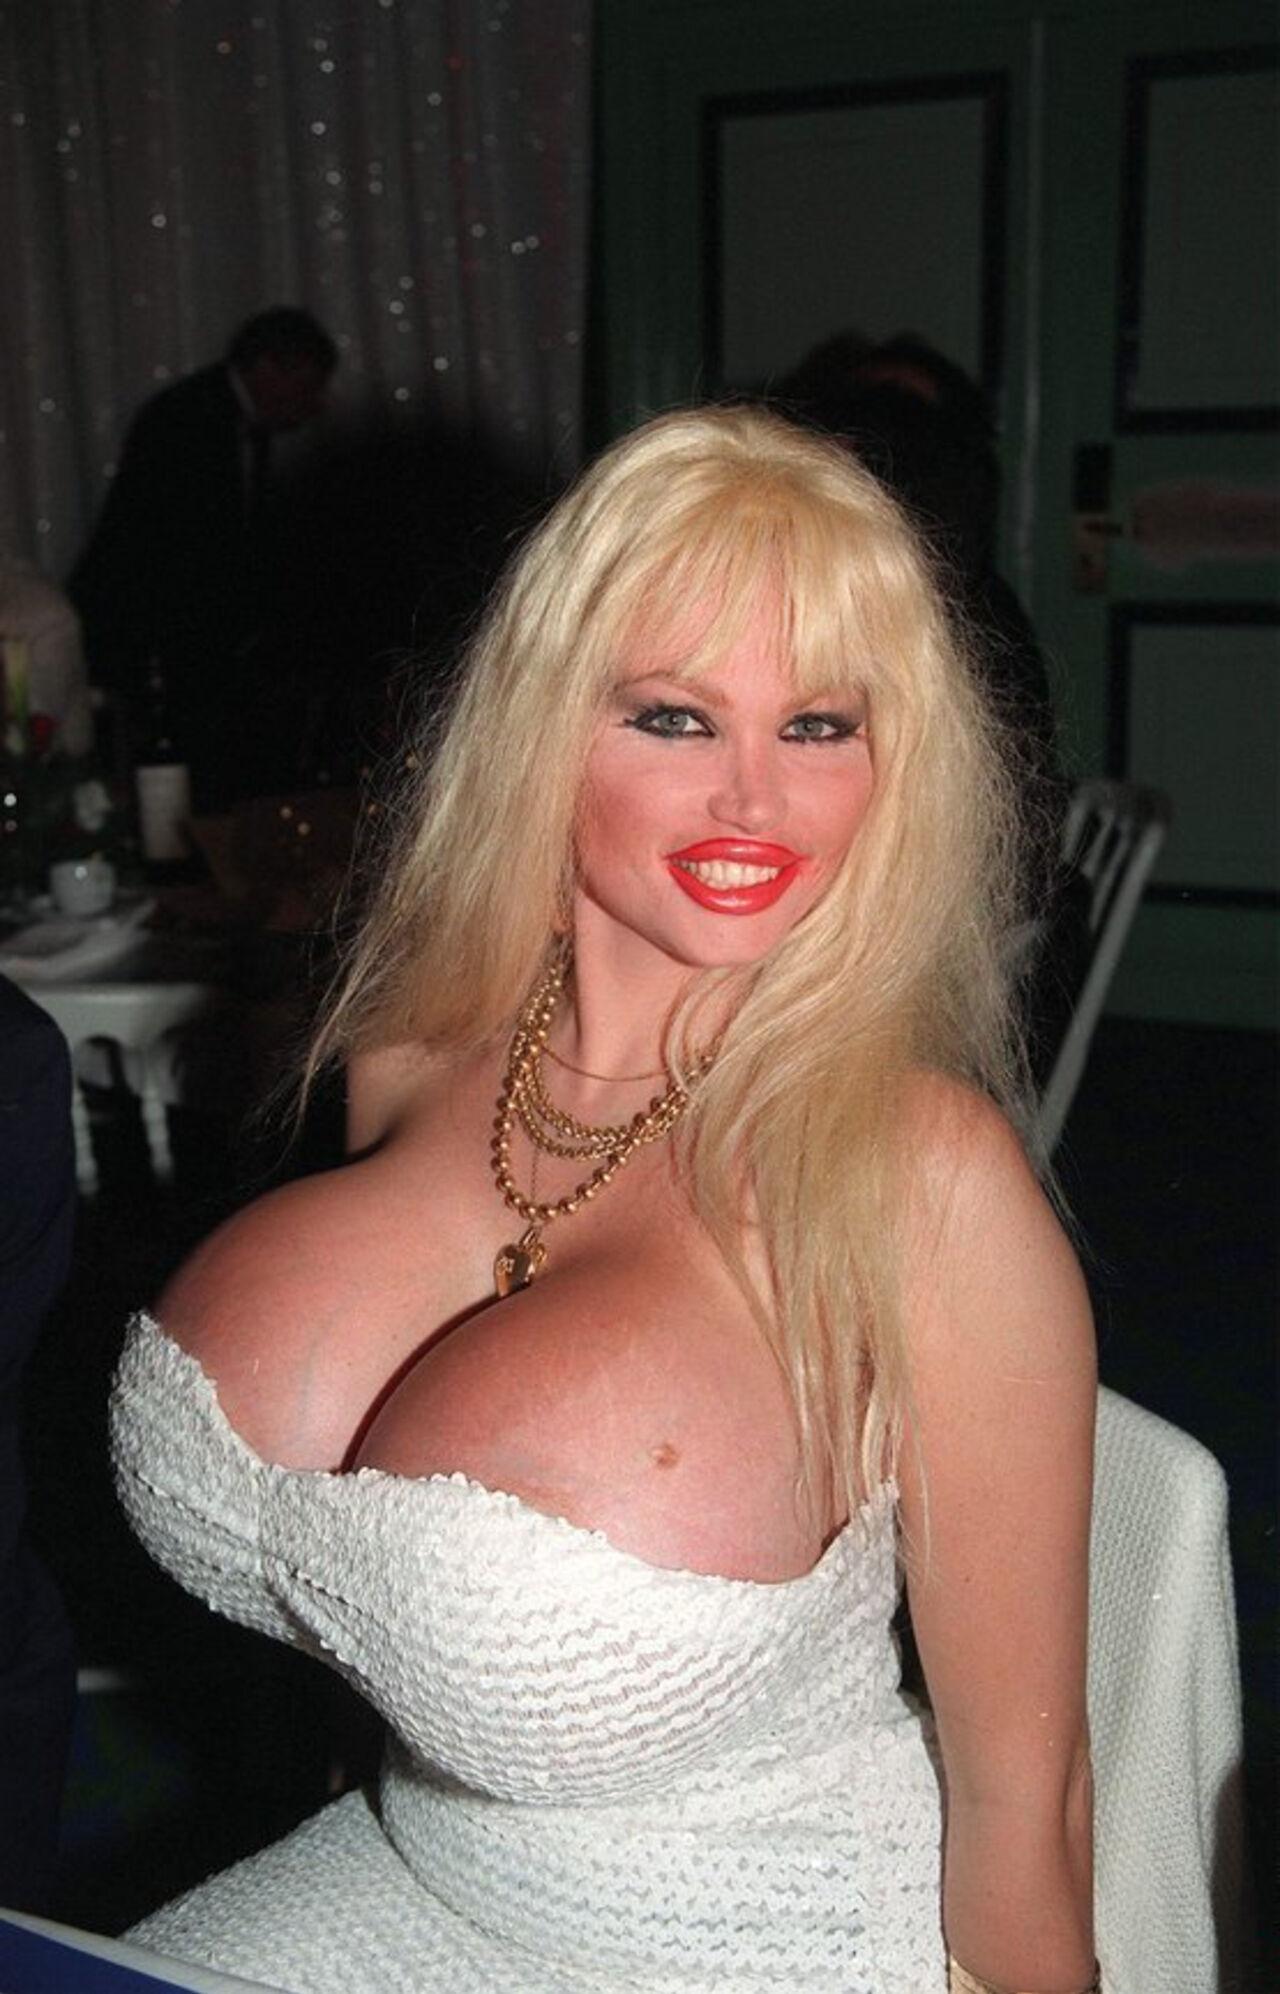 Самый маленькая грудь в мире фото 8 фотография